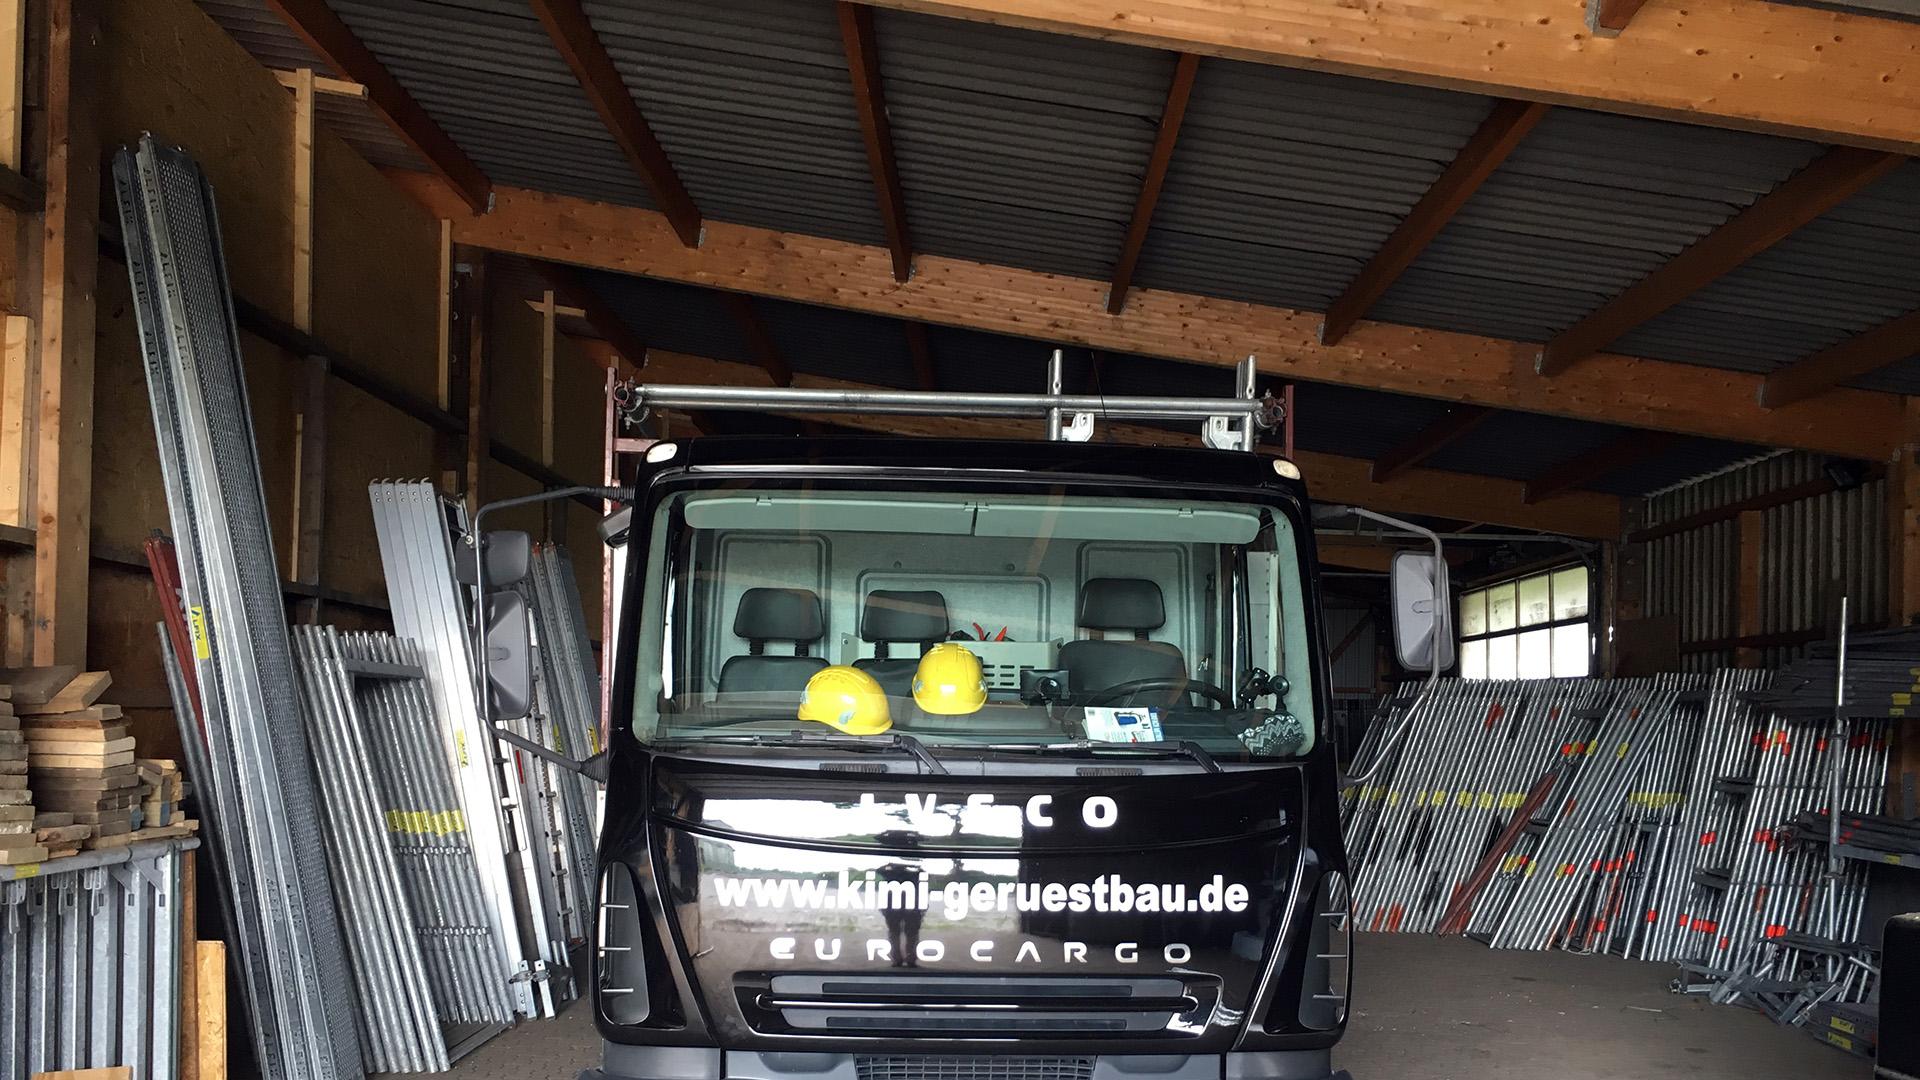 Kimi-Gerüstbau-für-Wedel-und-Hamburg-Büro-Schadendorf-Lager-Gerüste-und-LKW